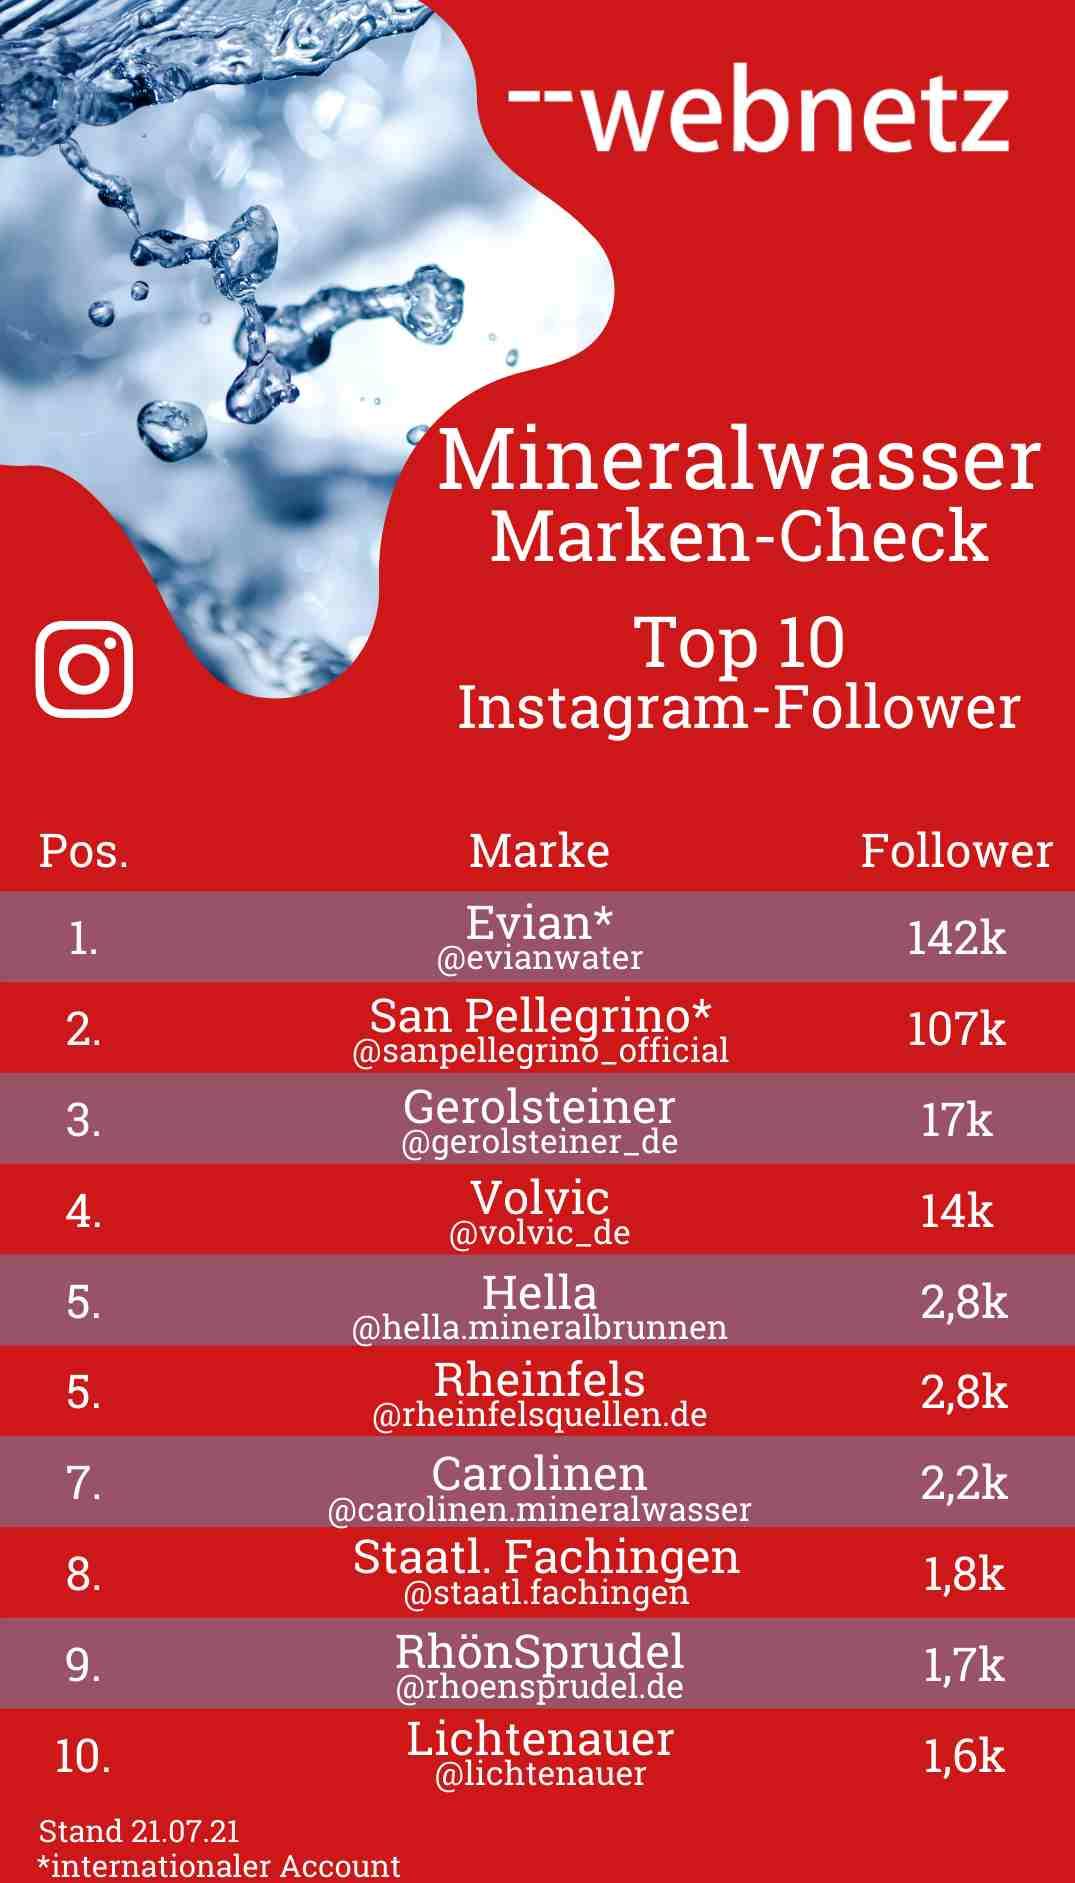 Mineralwasser-Marken Top 10 Instagram-Follower